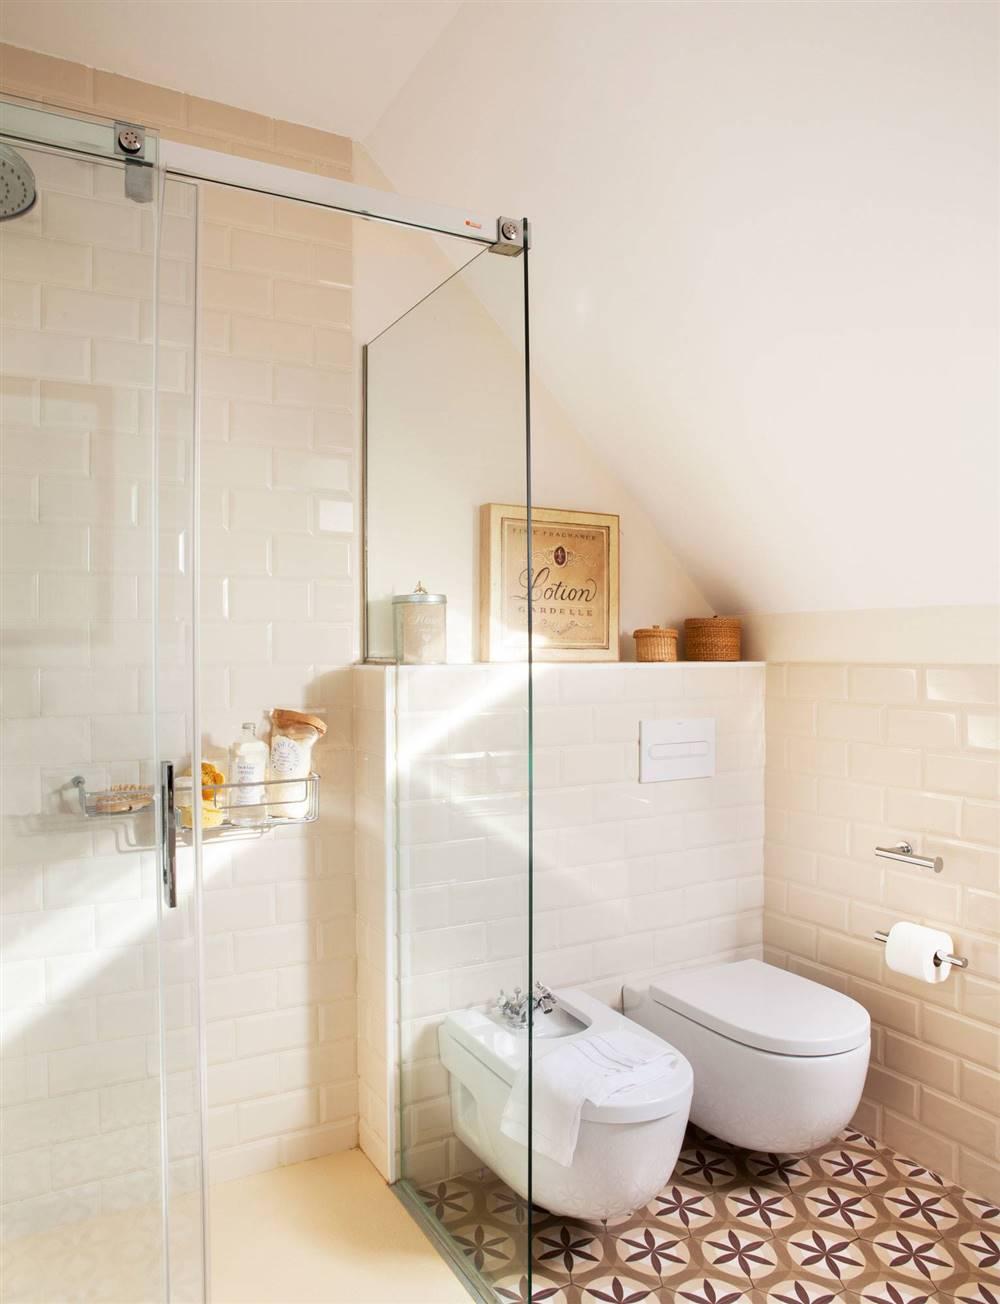 Colocar un ba os sin bajante - Inodoro y lavabo en uno ...